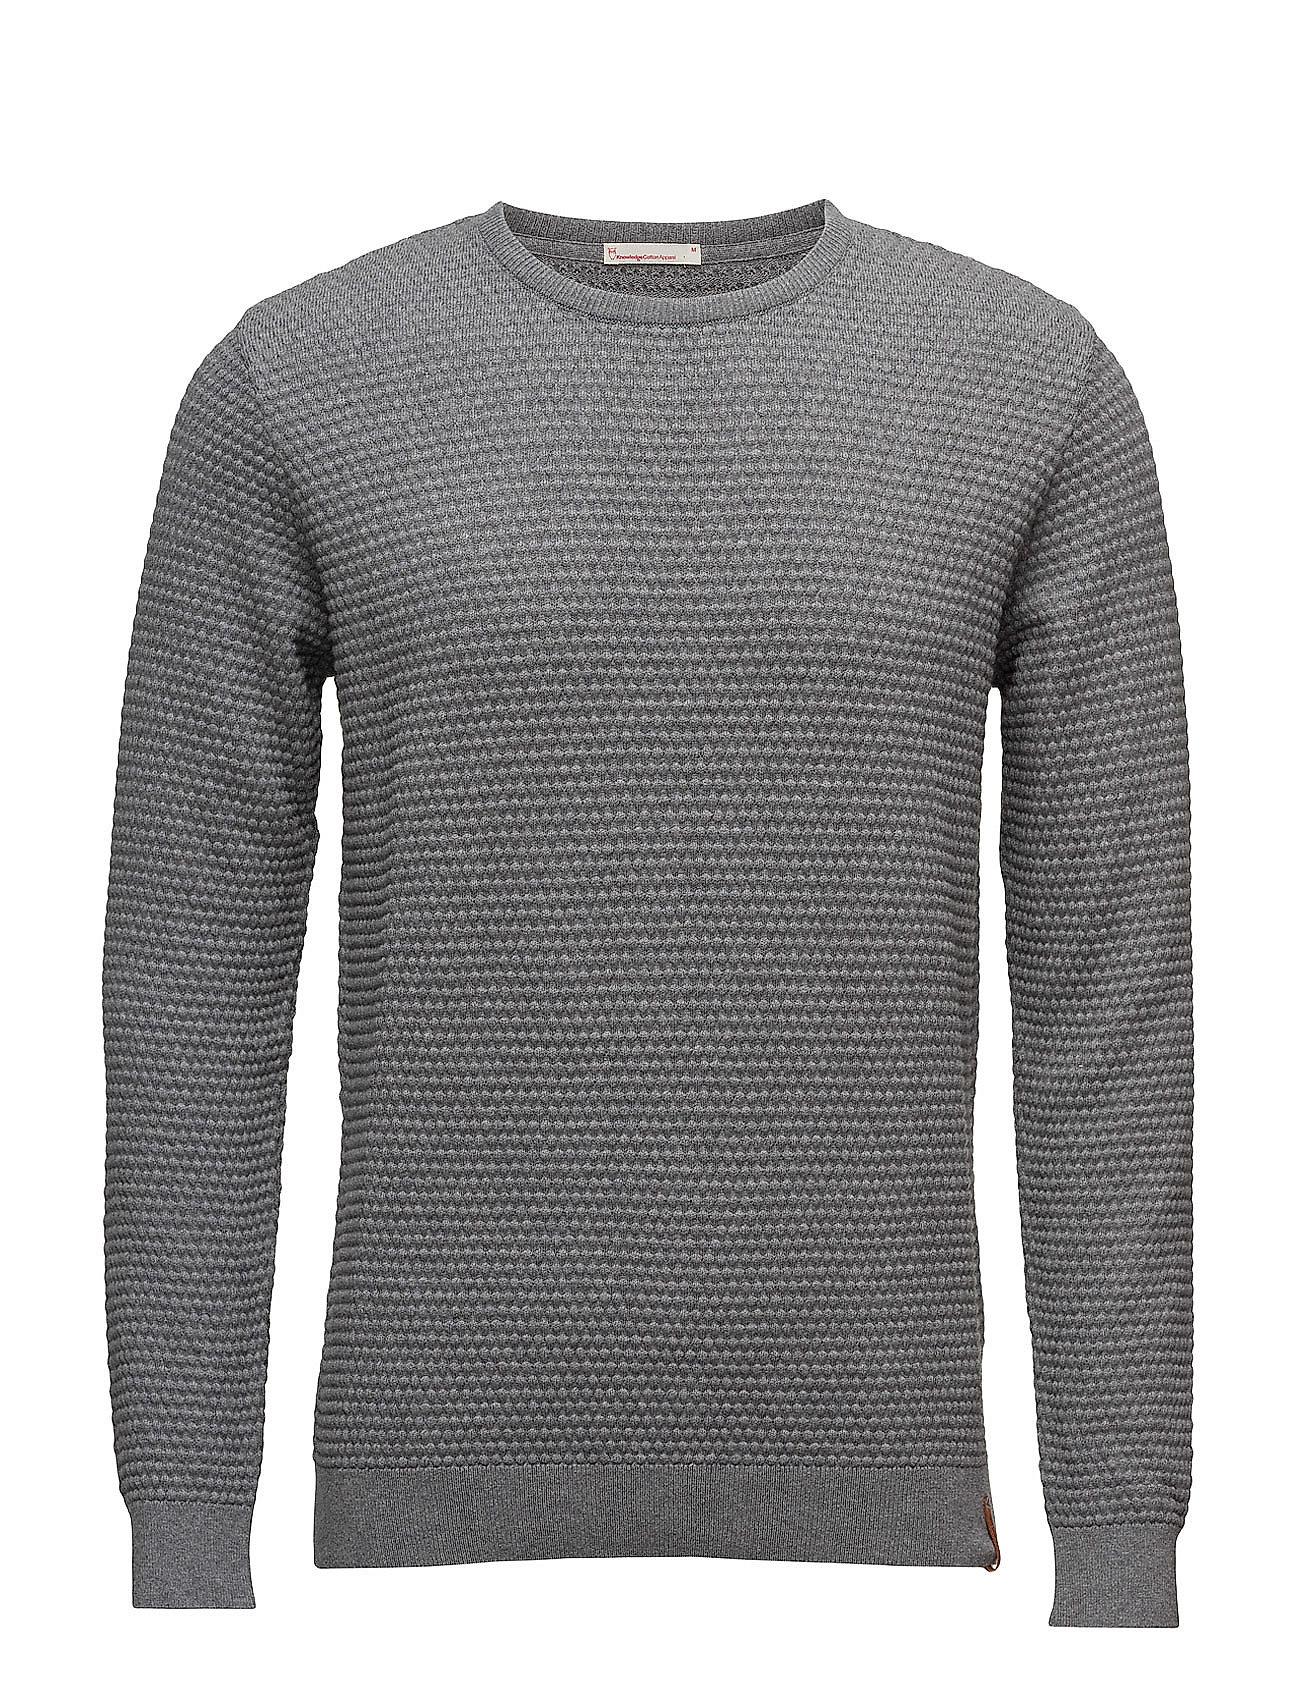 Sailor Pattern Knit - Gots Knowledge Cotton Apparel Striktøj til Mænd i Grey Melange